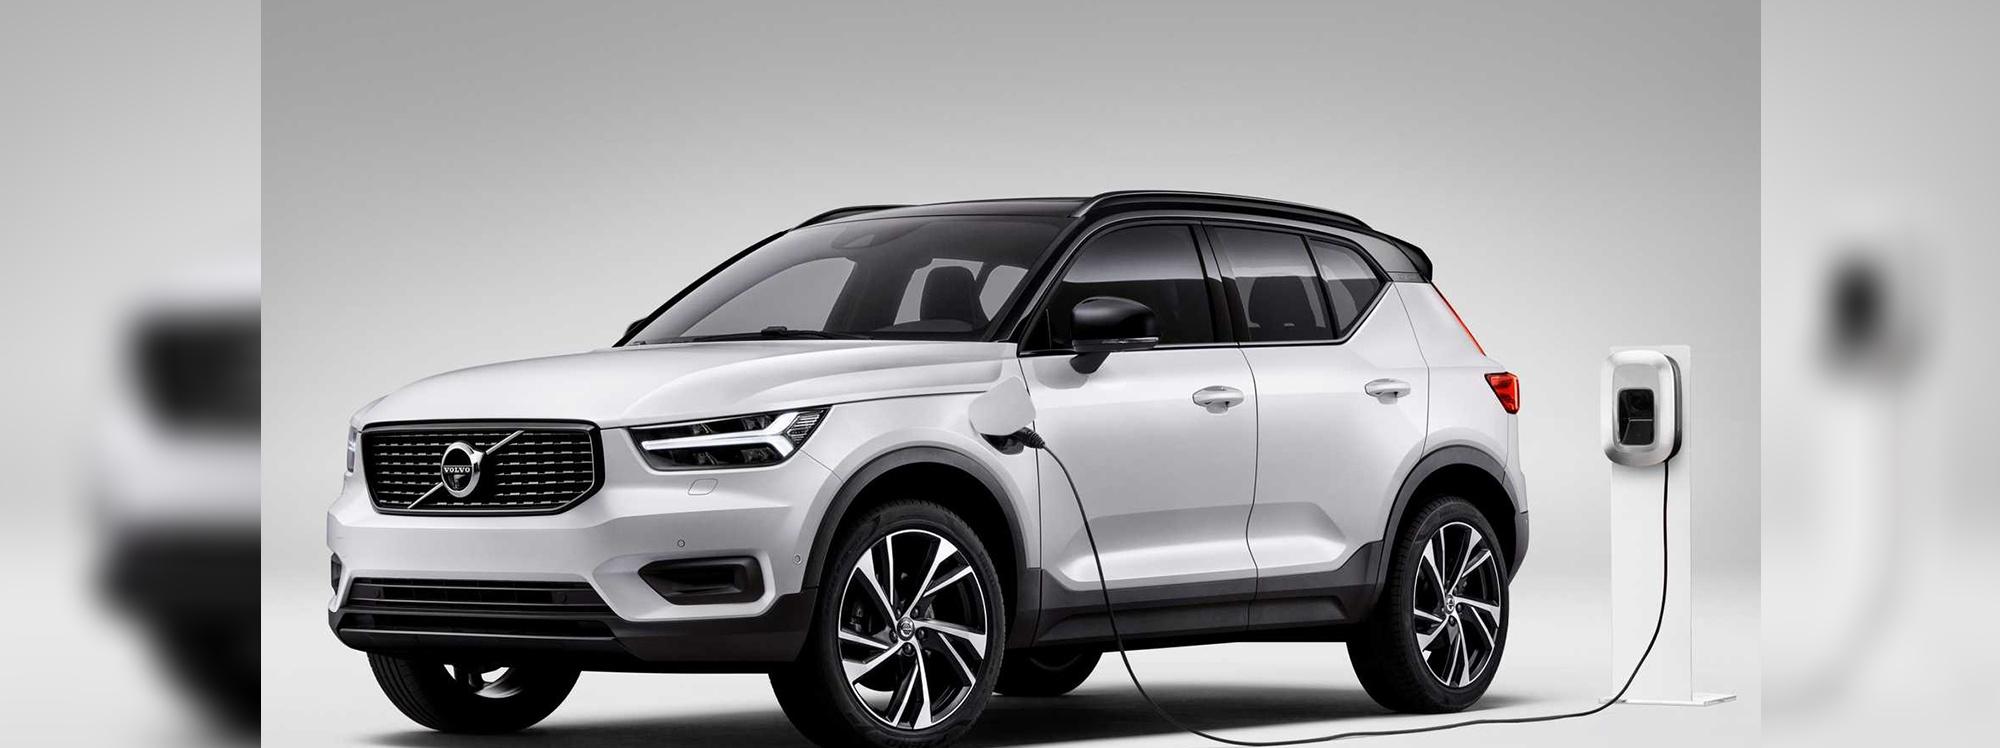 Volvo anunció que en 2030 todos sus autos serán eléctricos